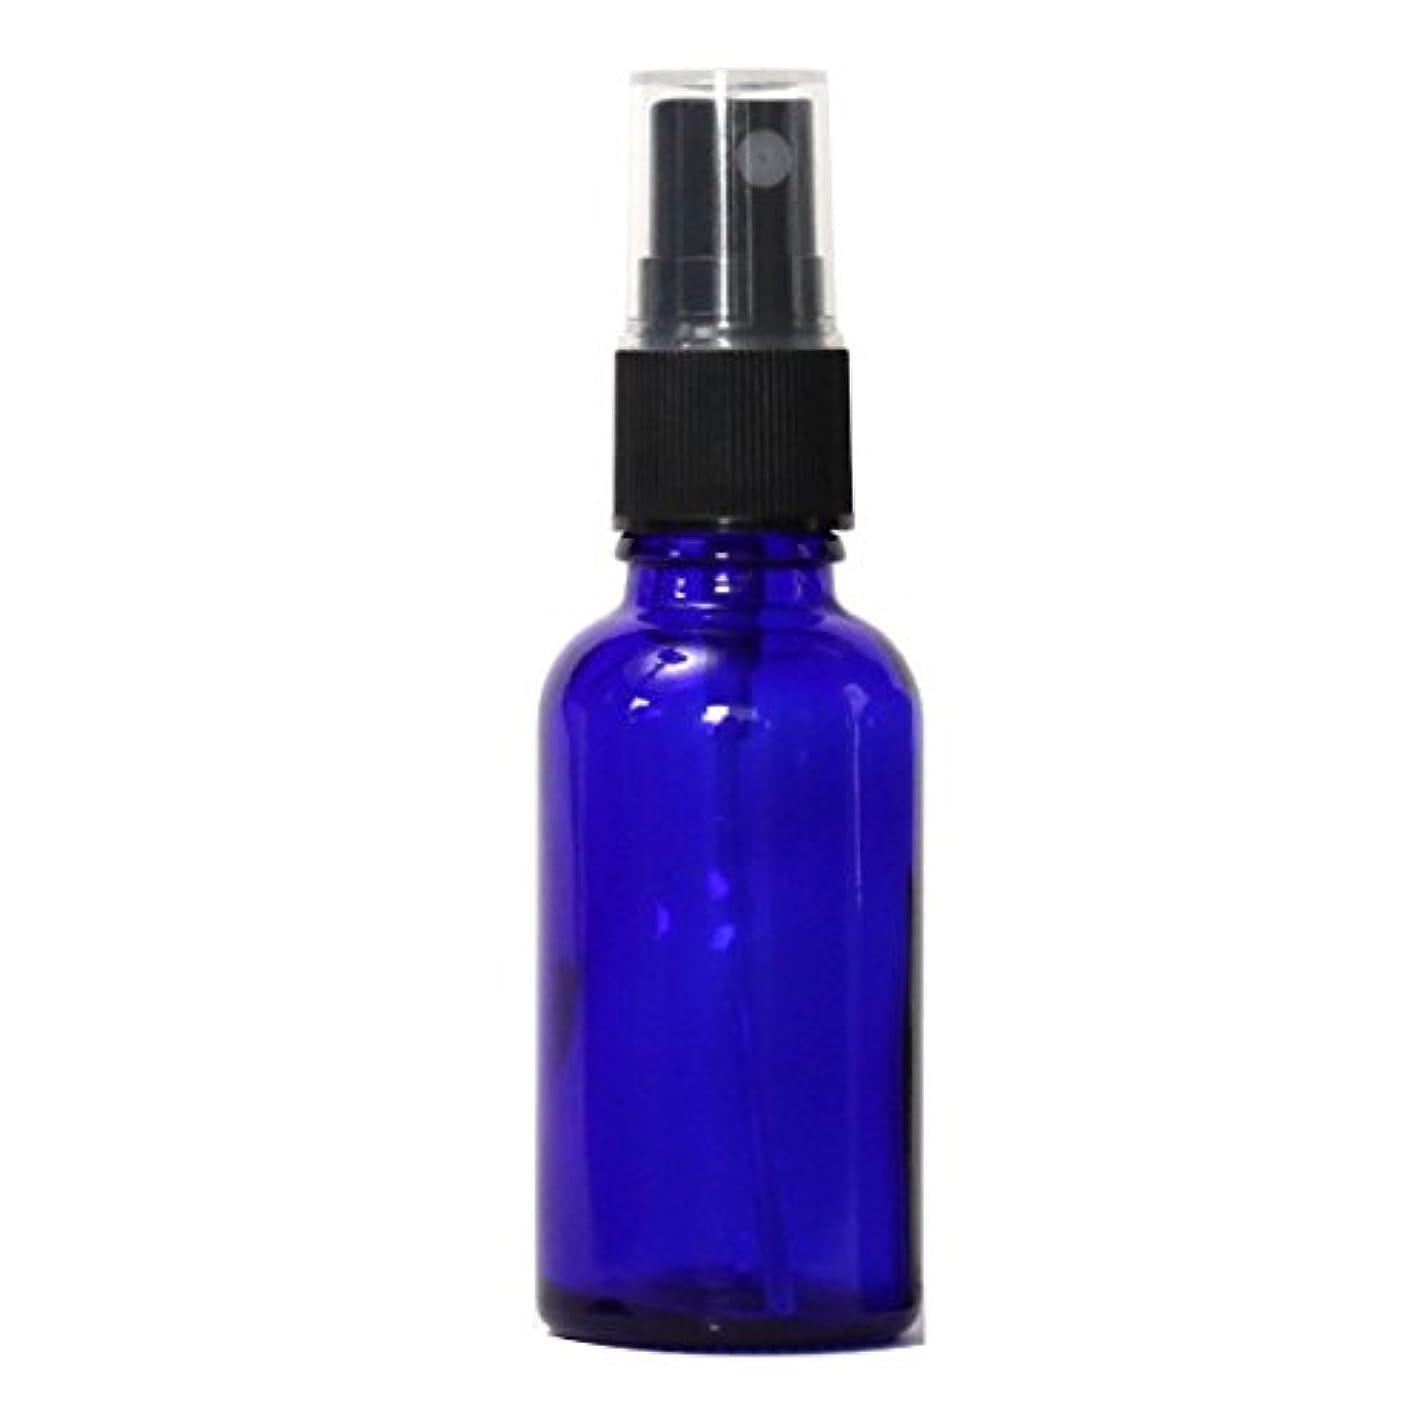 通信網北方嘆くスプレーガラス瓶ボトル 30mL 遮光性ブルー おしゃれガラスアトマイザー 空容器